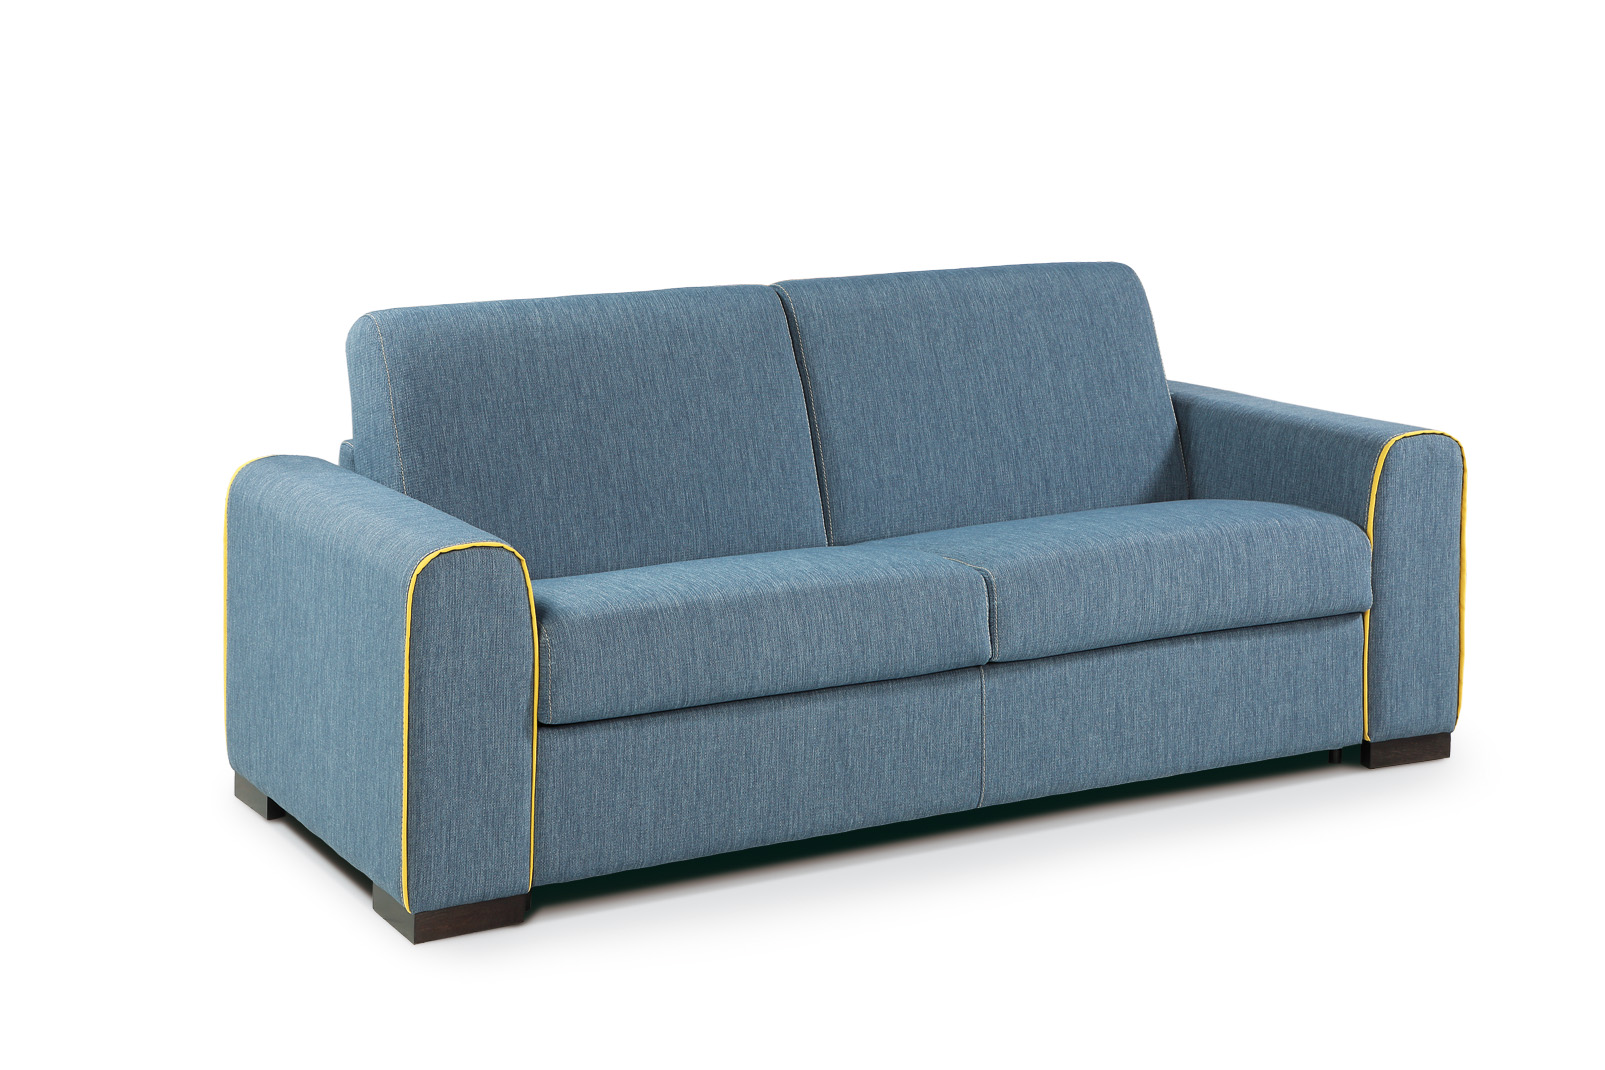 Corallo cuborosso divani - Divano letto marta ...